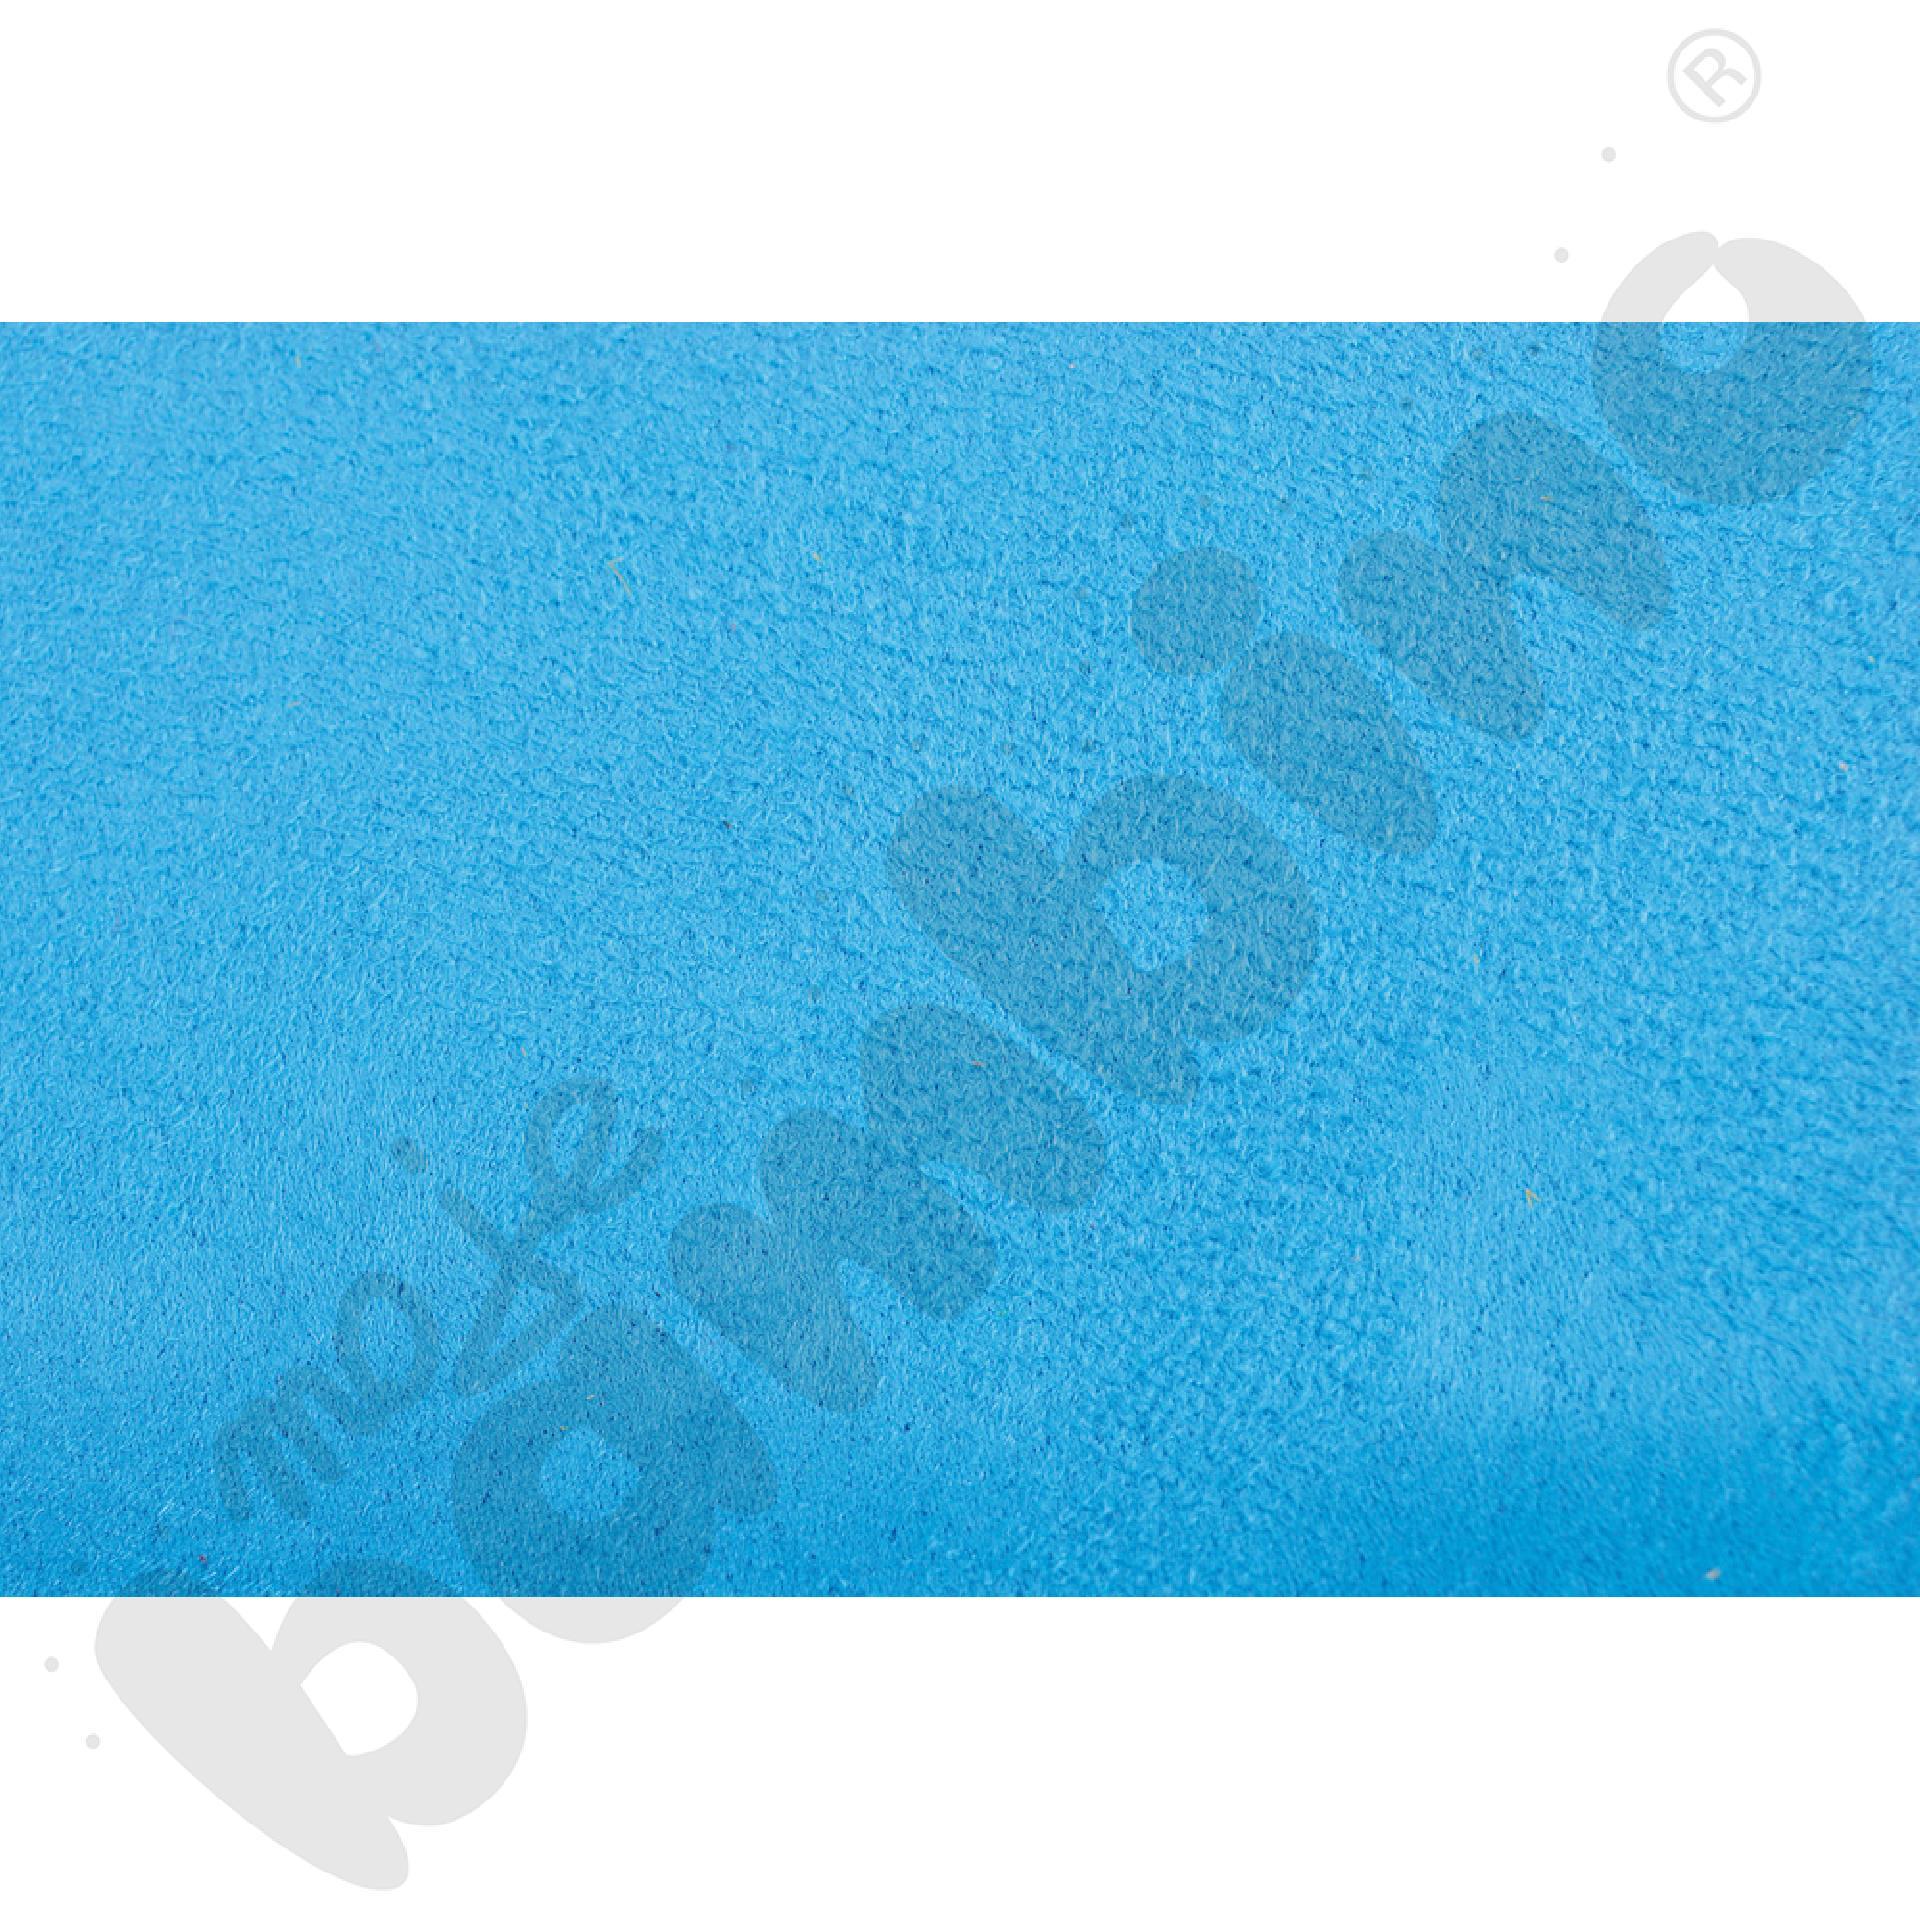 Welurowe pasy ozdobne - niebieski